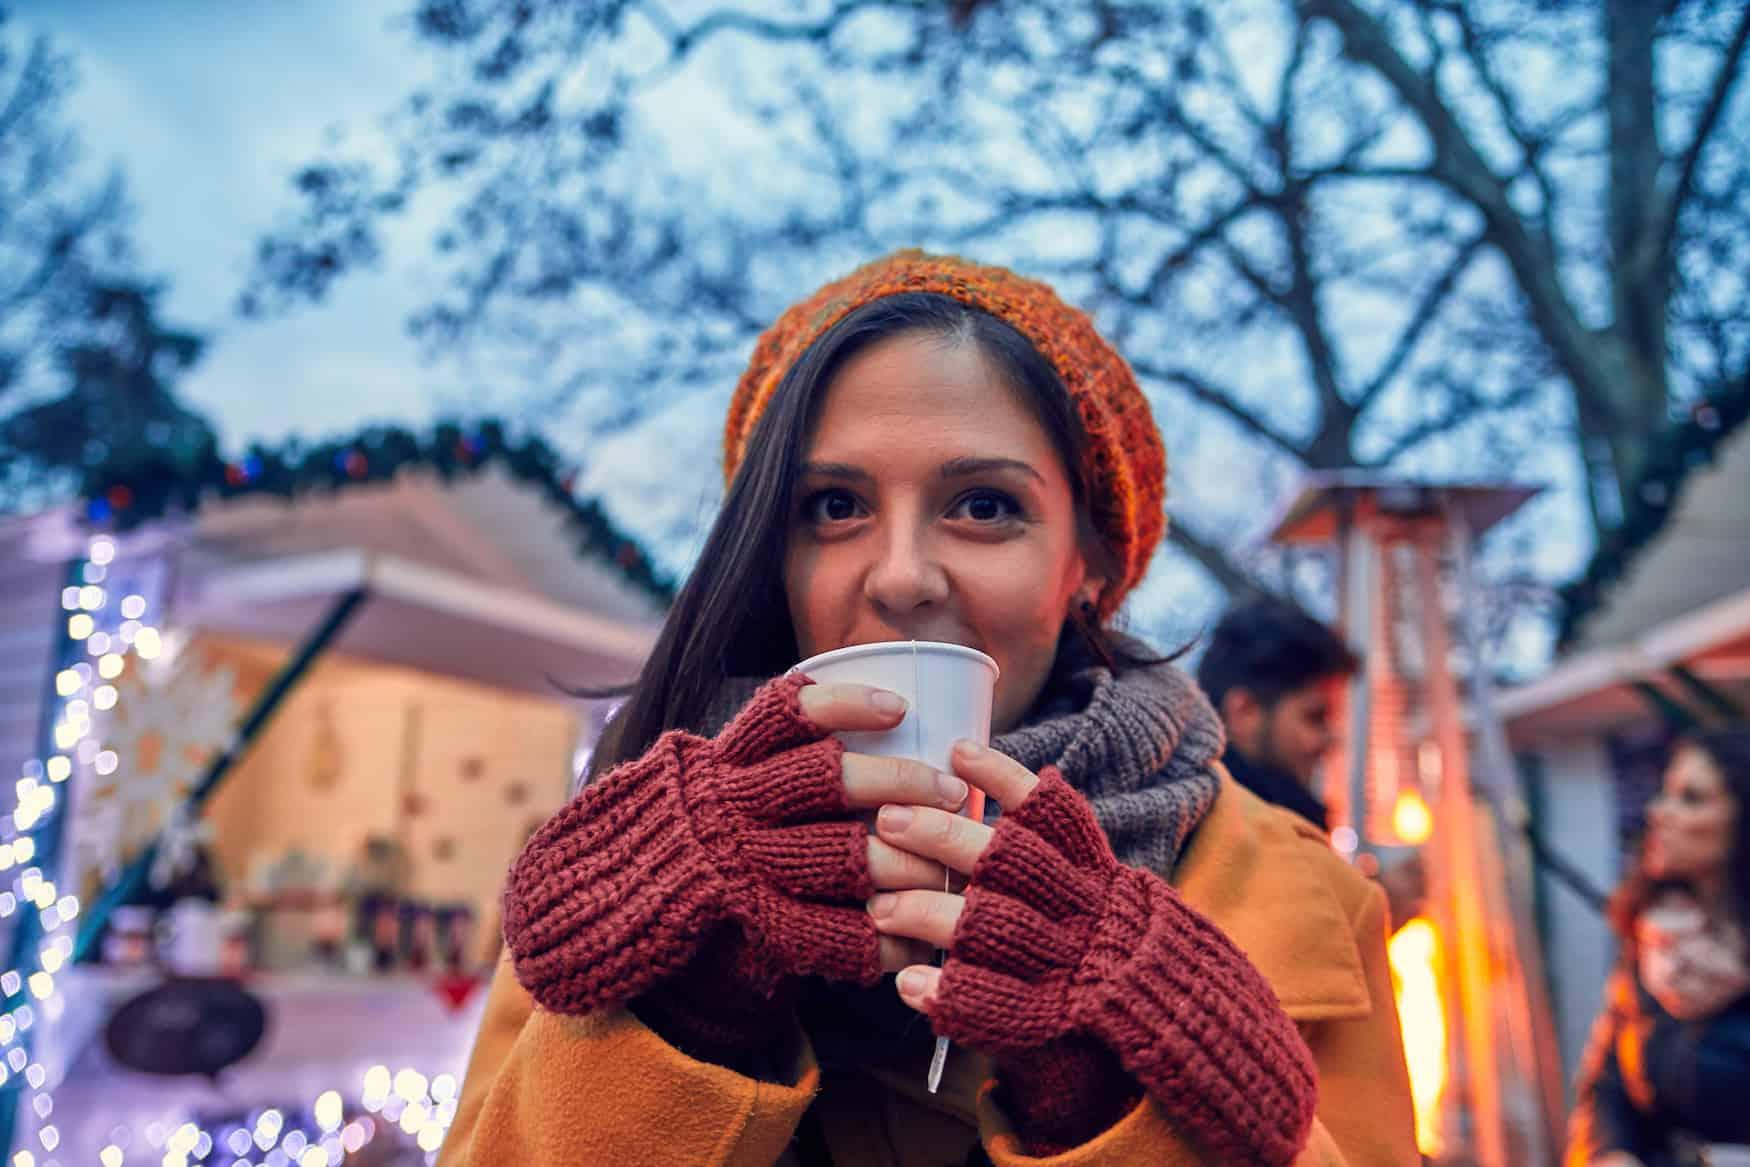 Dame trinkt Glühwein auf dem Weihnachtsmarkt